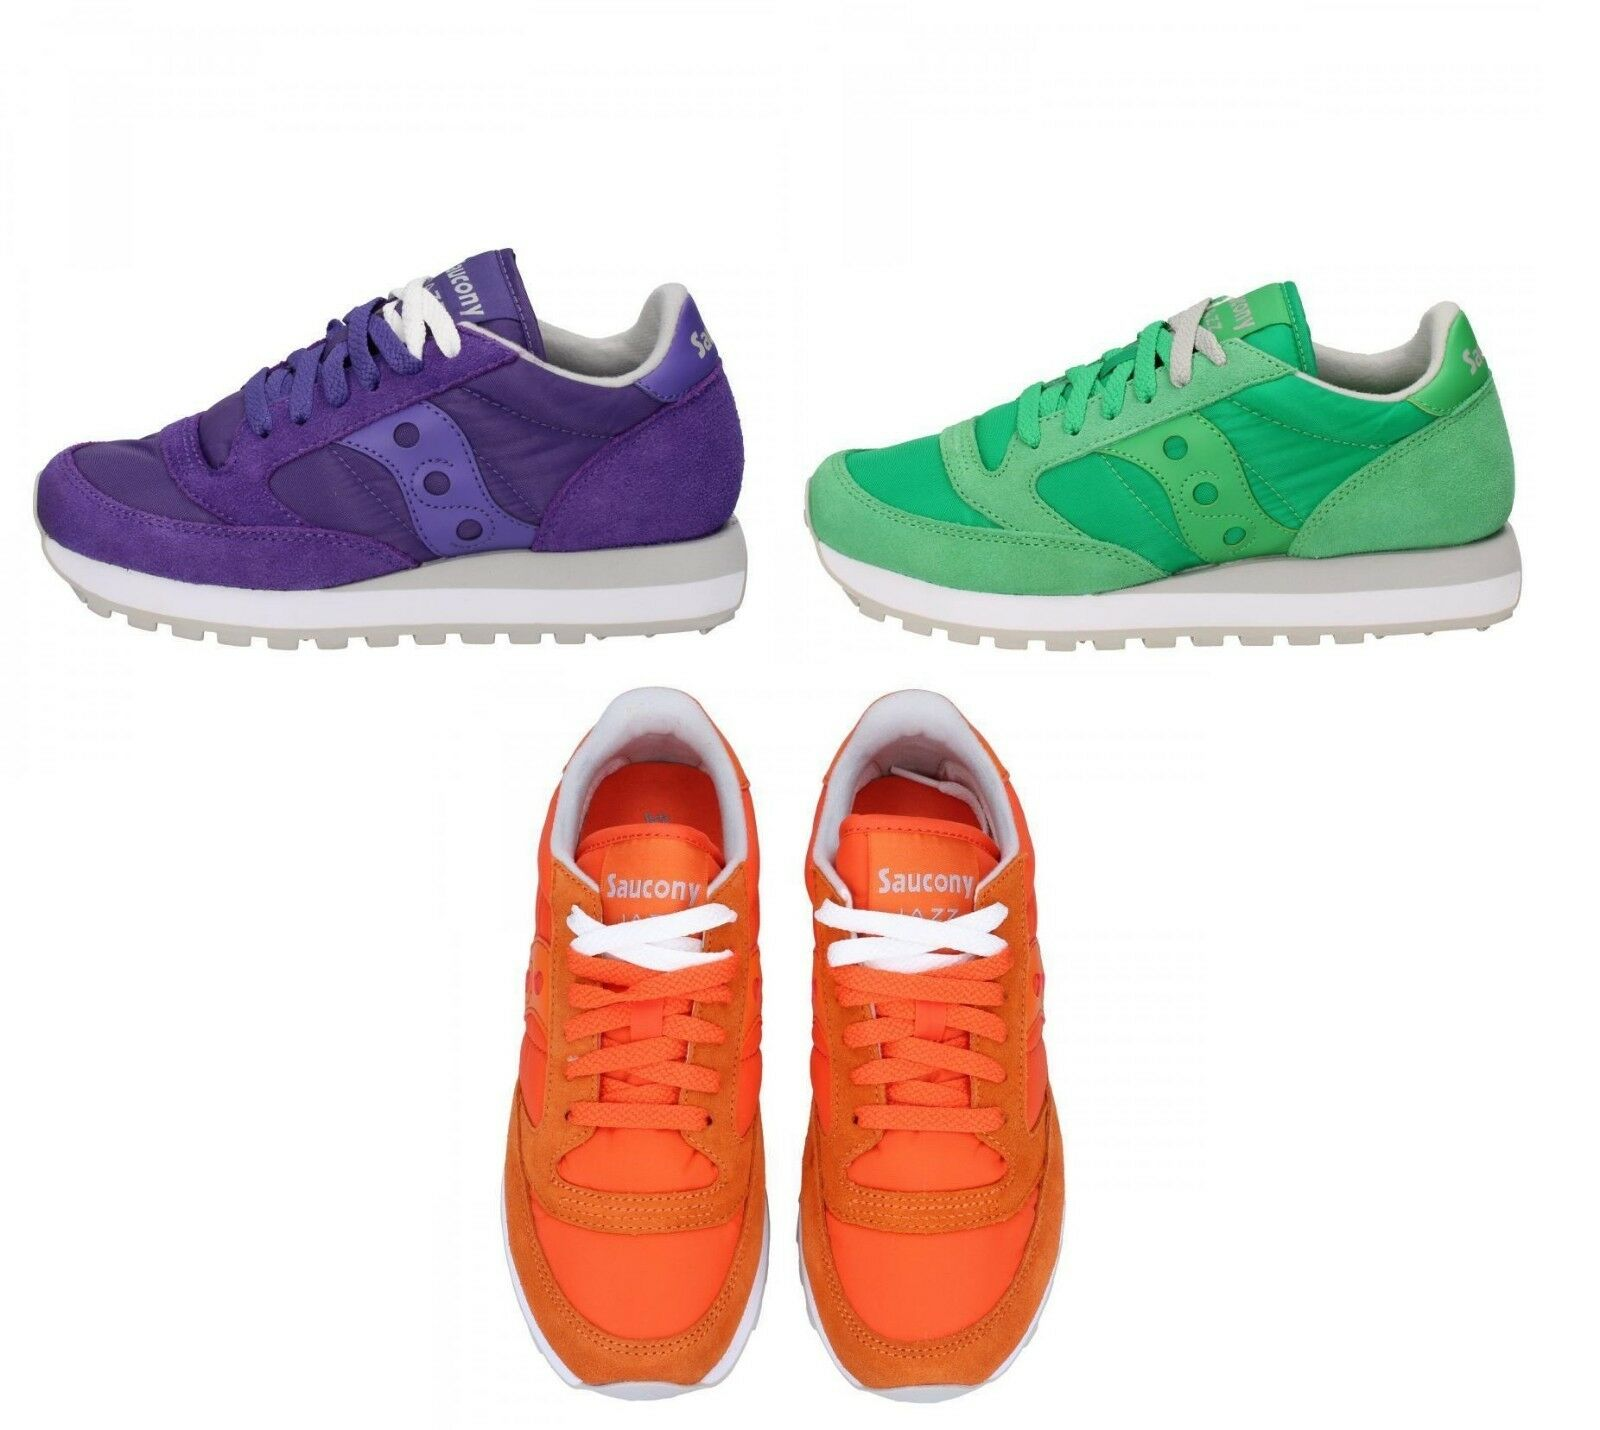 SAUCONY Jazz scarpe donna camoscio Baskets tessuto camoscio donna viola verde arancione aabec2